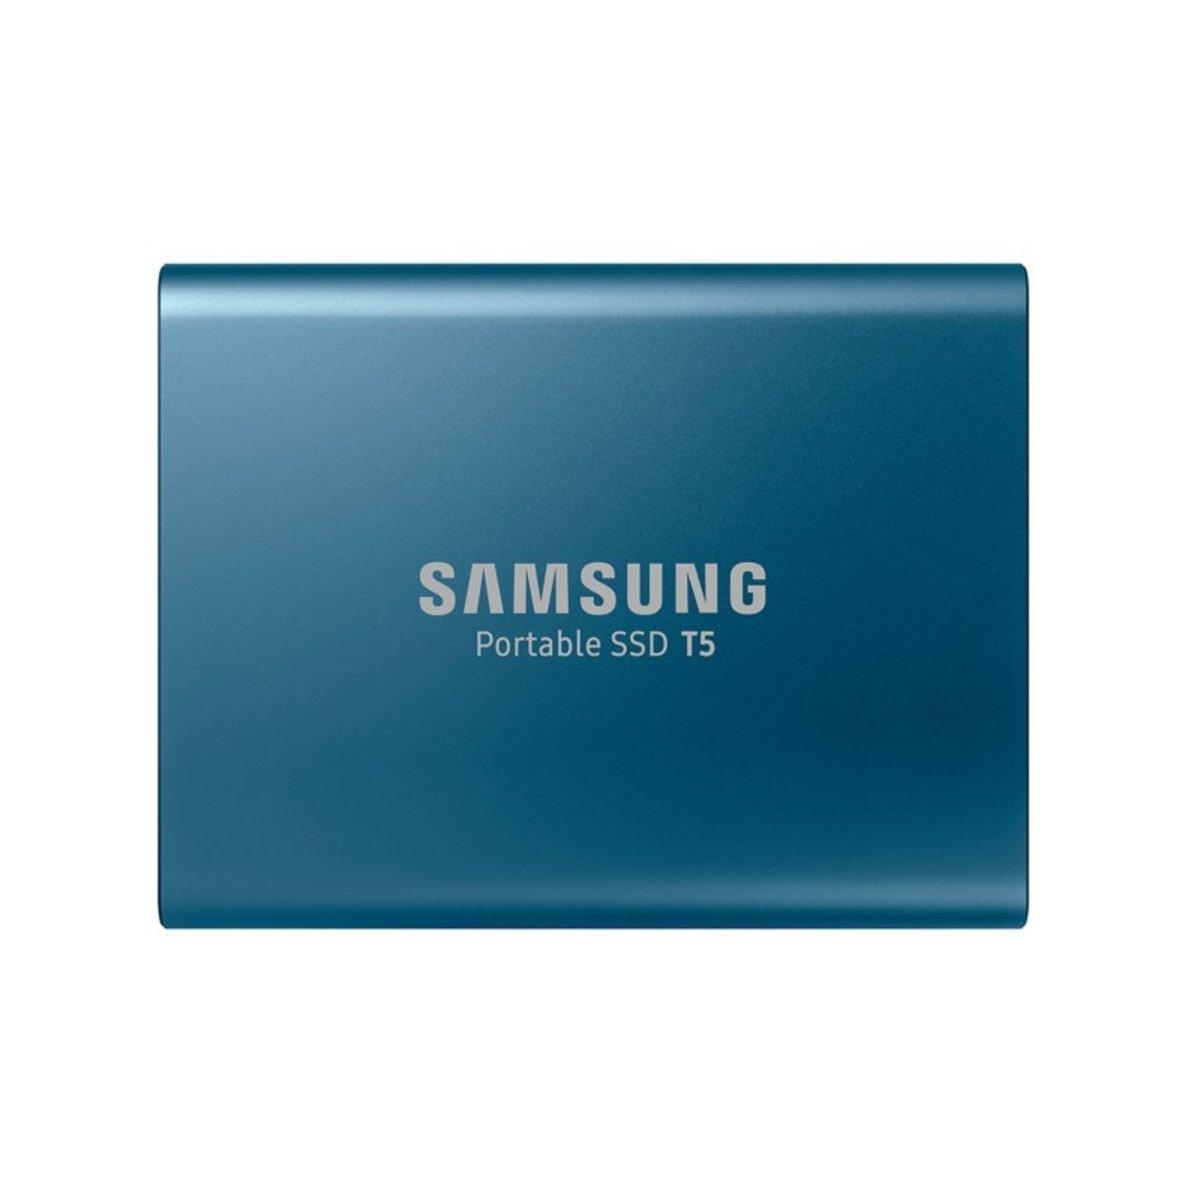 便携固態硬碟T5 500GB